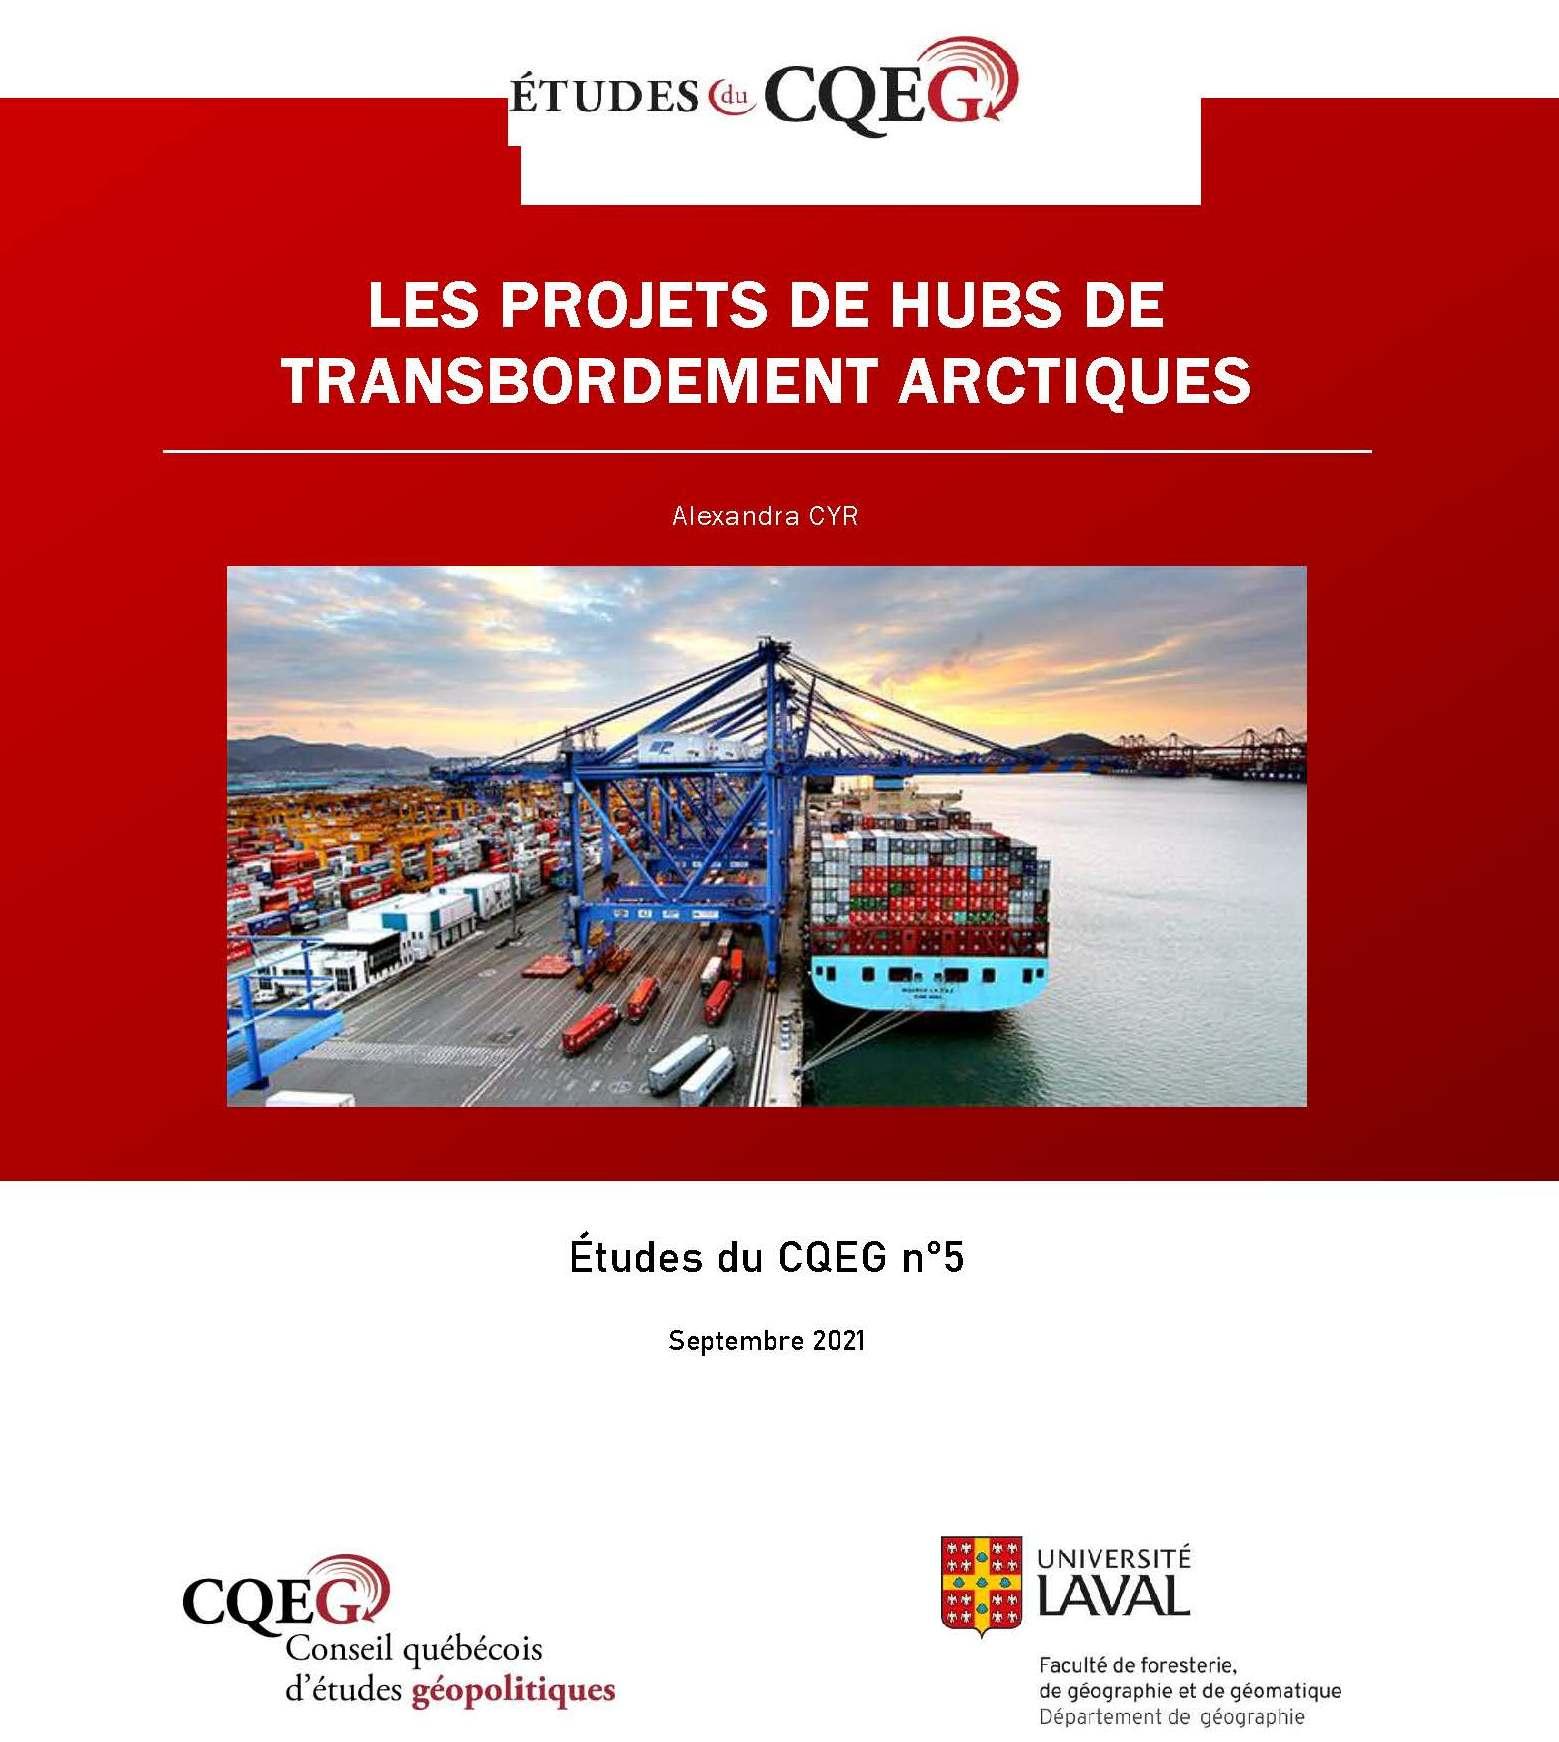 LES PROJETS DE HUBS DE TRANSBORDEMENT ARCTIQUES